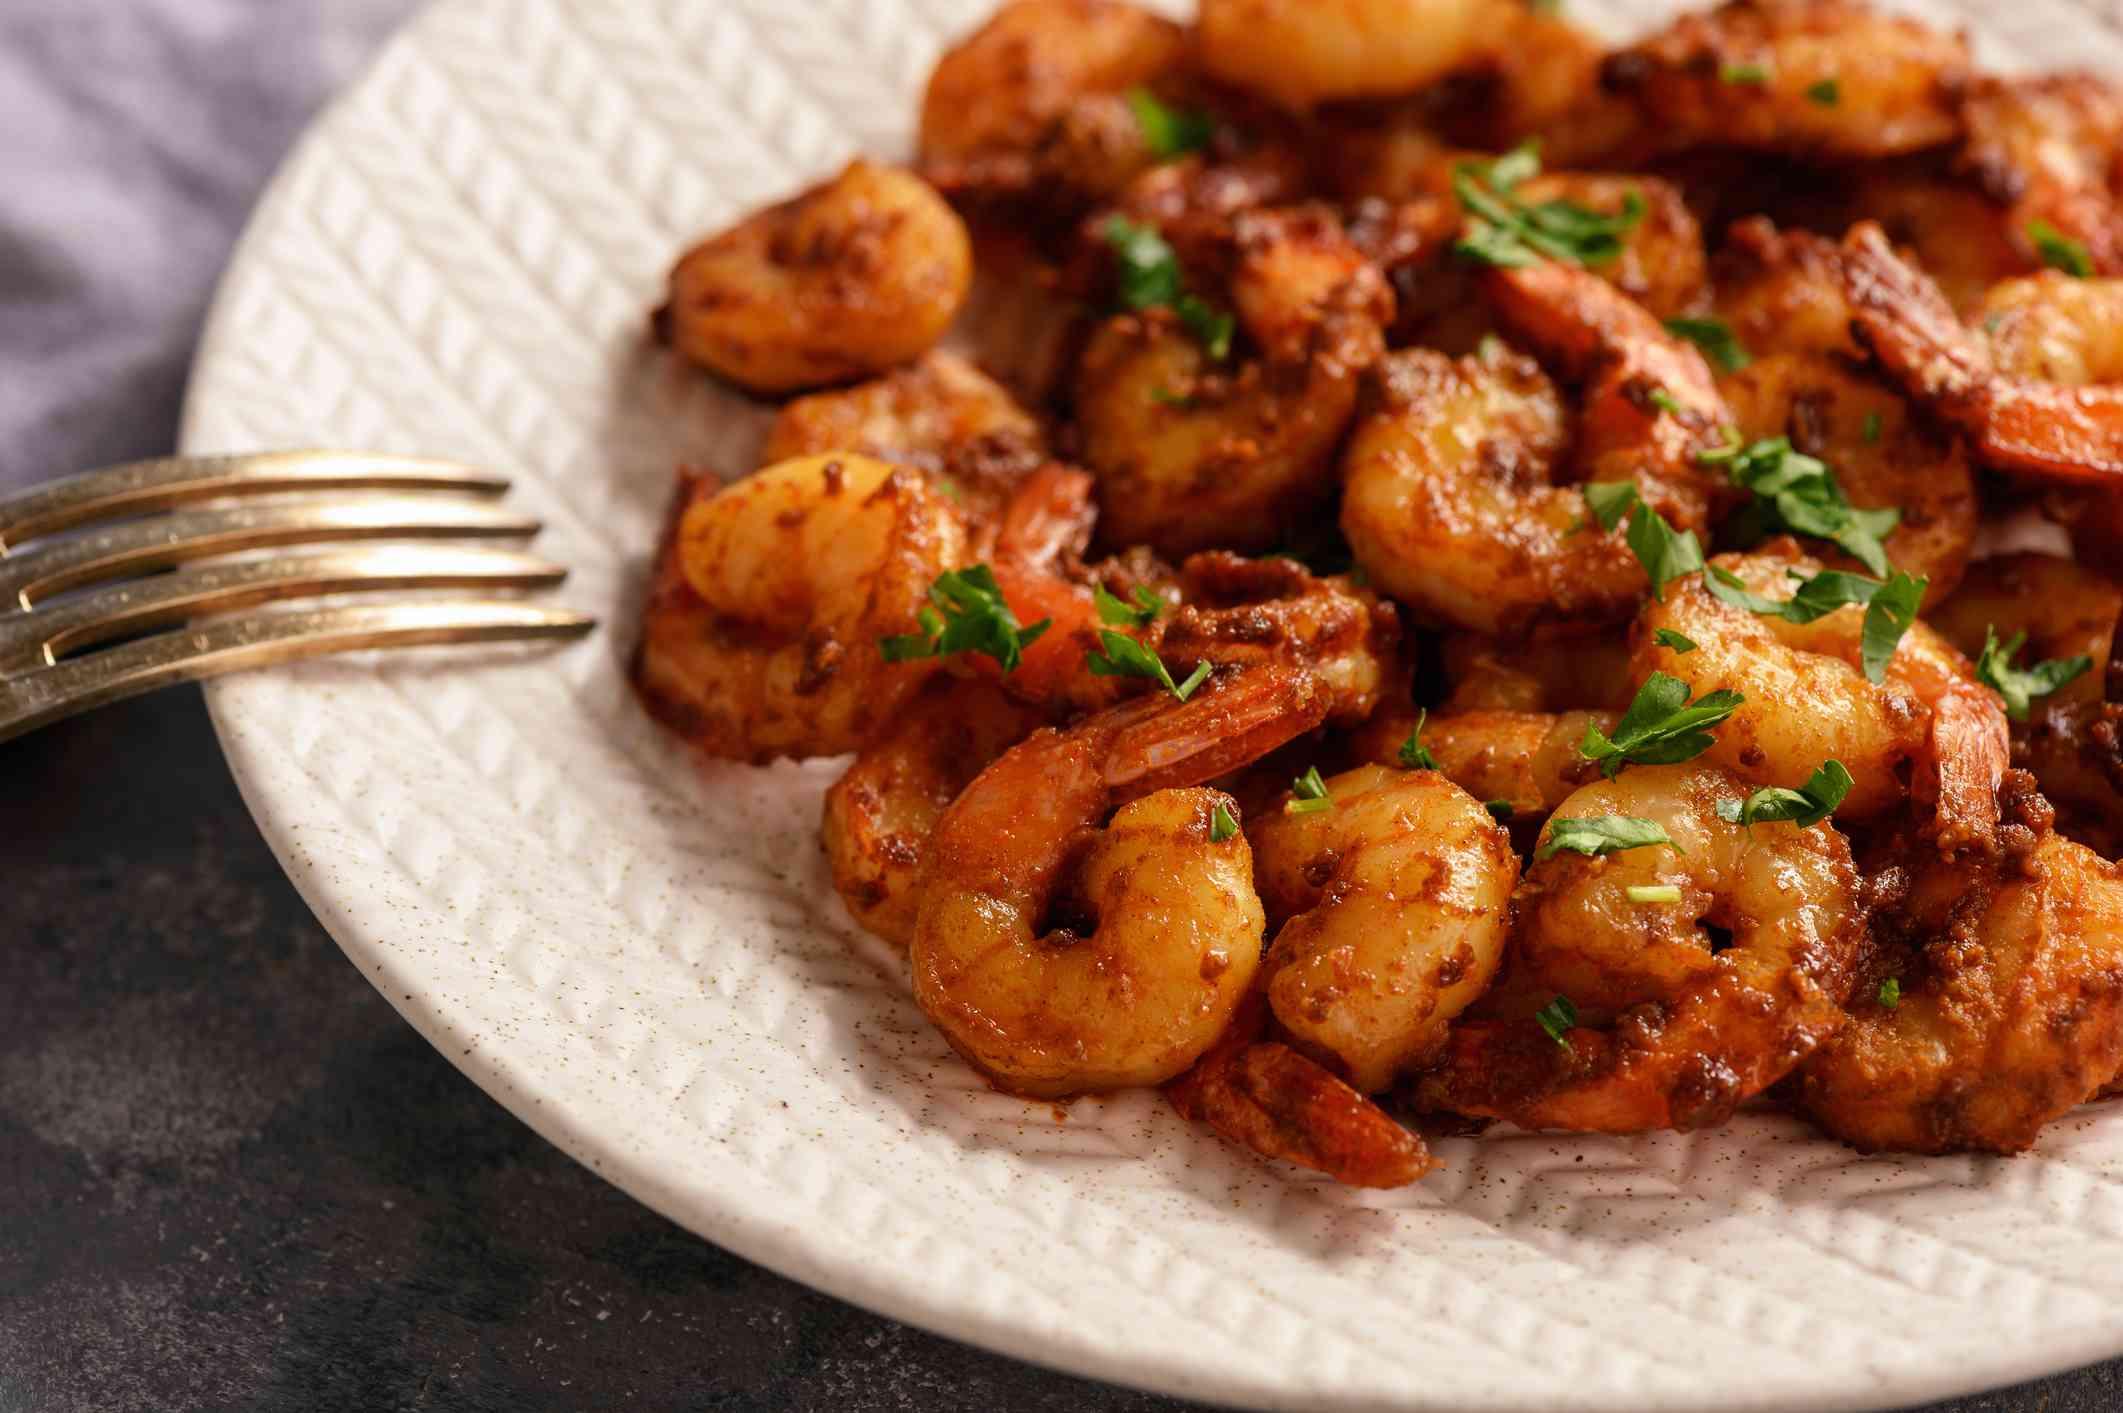 Spicy Moroccan shrimp